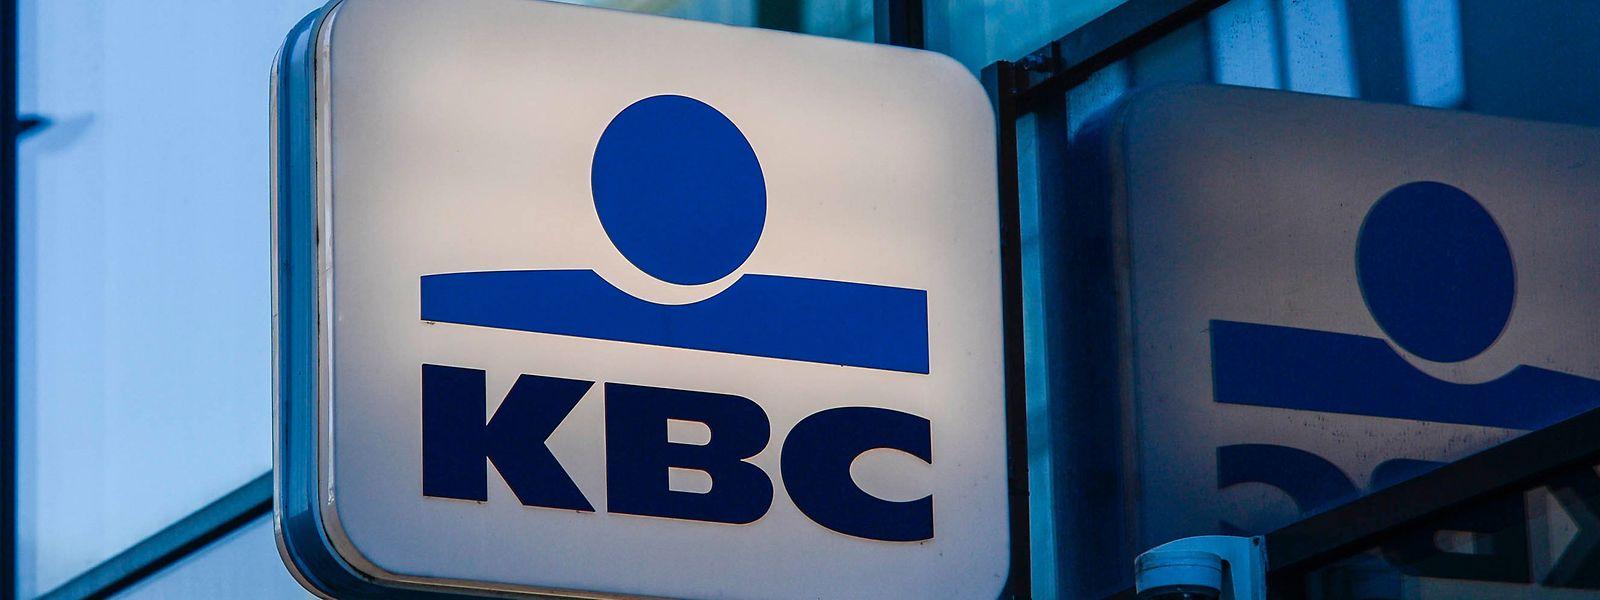 Présente au Luxembourg depuis le 1er décembre 1999, KBC Asset Management cessera son activité au Grand-Duché à la rentrée 2020.